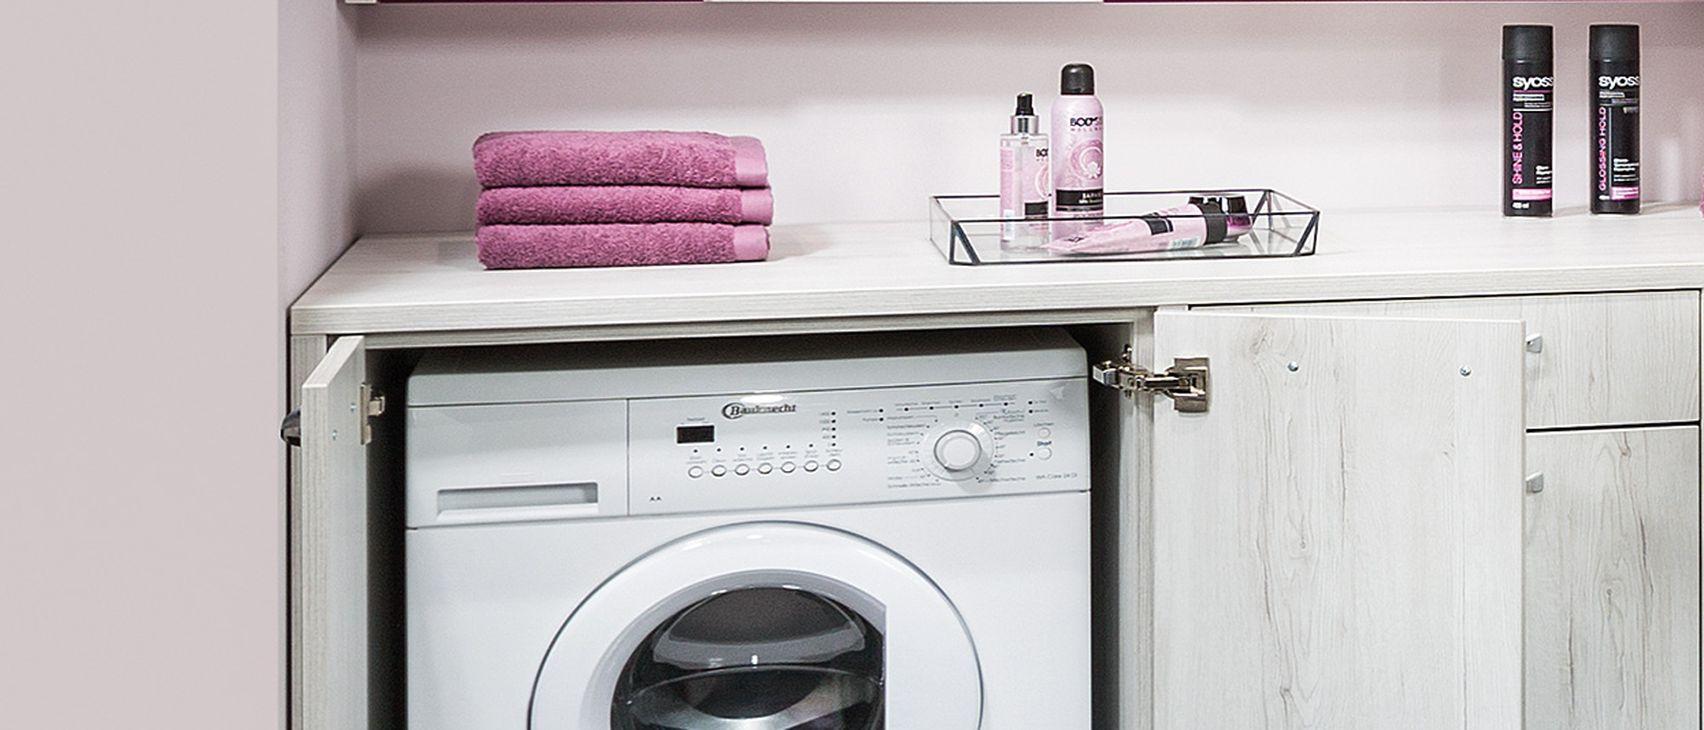 Waschmaschinenschrank Verbau nach Maß von P.MAX